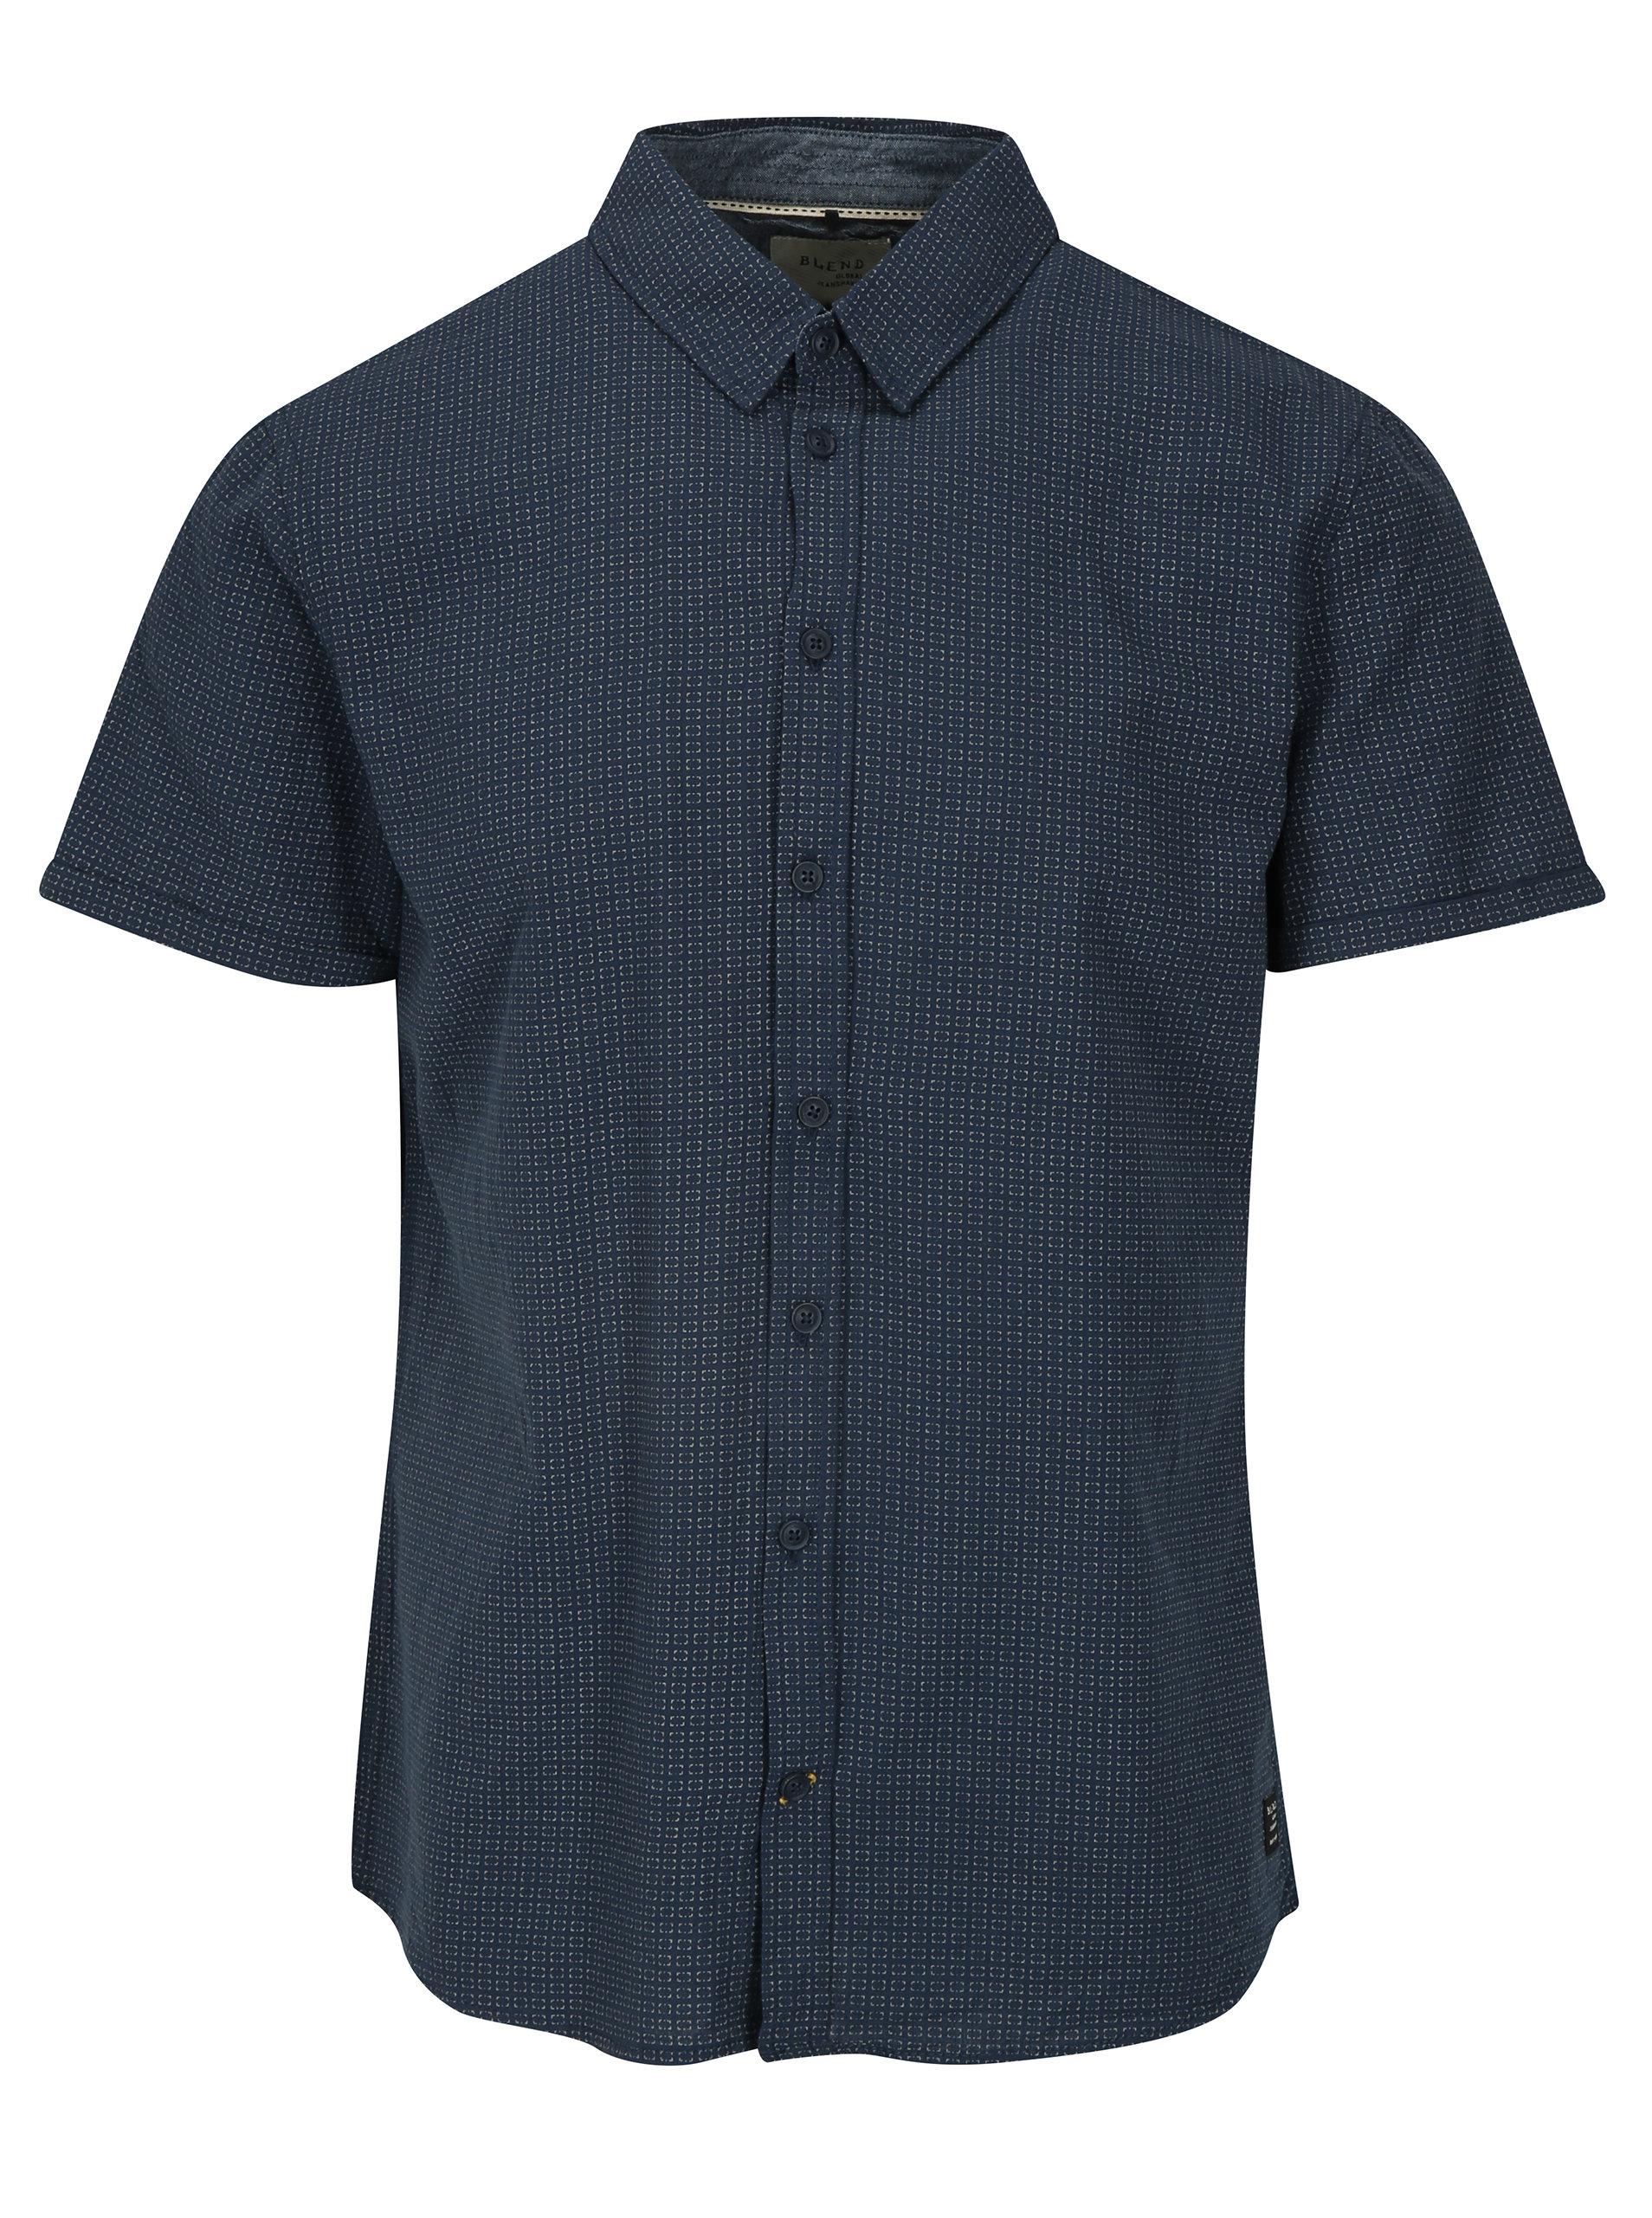 2d973d57696 Tmavě modrá vzorovaná slim fit košile Blend ...